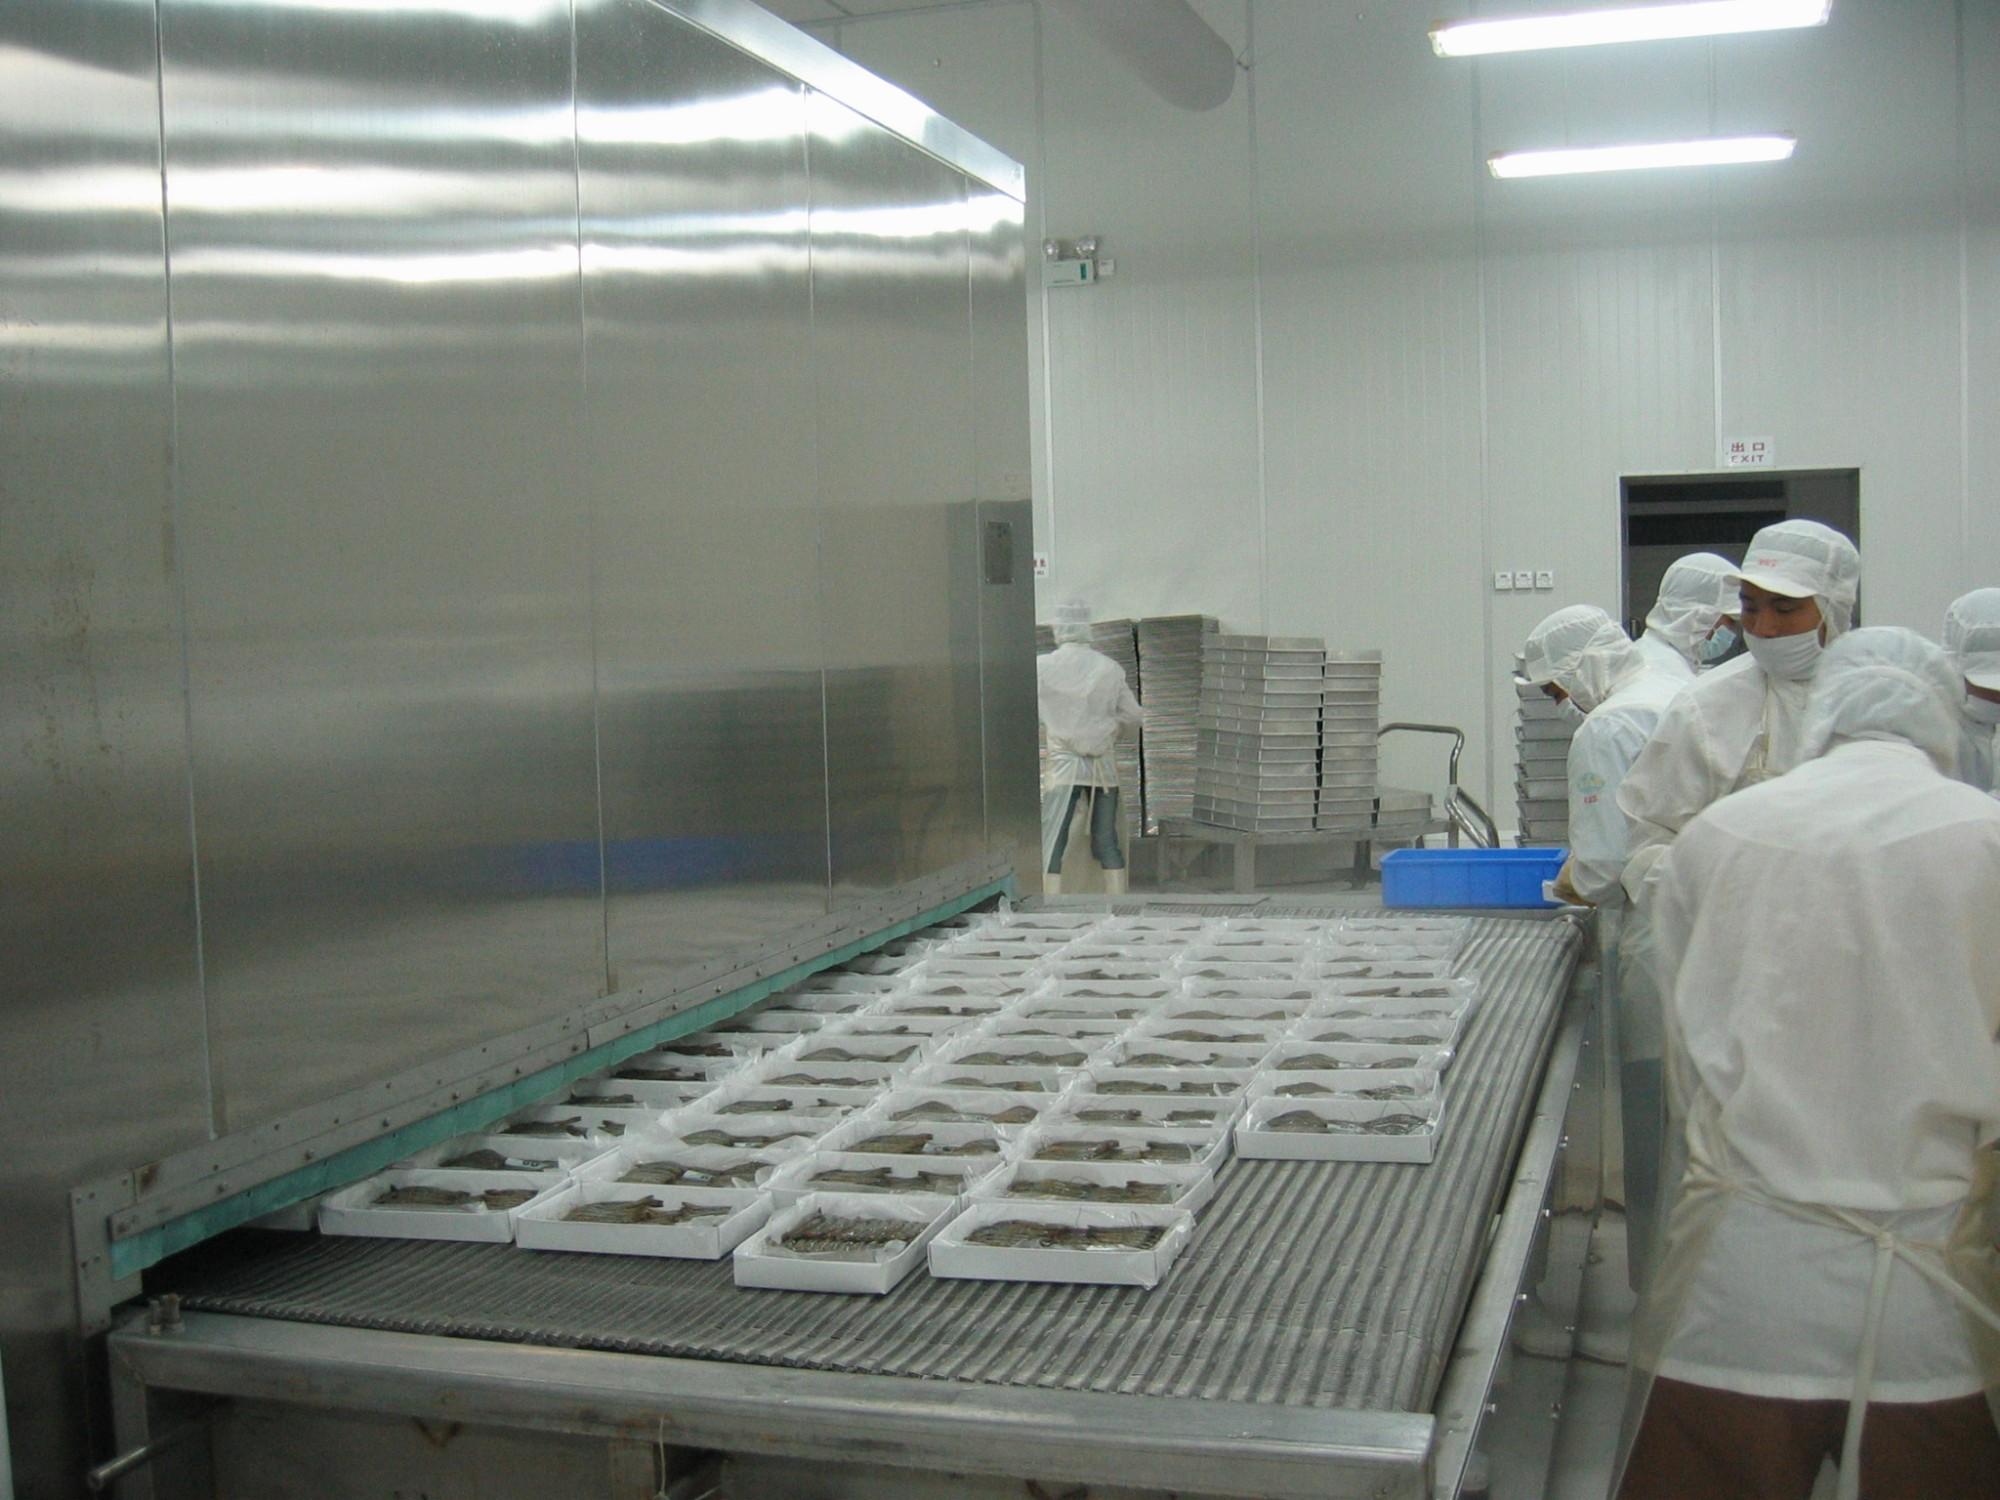 Vásárlás 500-1500kg / h alagút fagyasztó,500-1500kg / h alagút fagyasztó árak,500-1500kg / h alagút fagyasztó Márka,500-1500kg / h alagút fagyasztó Gyártó,500-1500kg / h alagút fagyasztó Idézetek. 500-1500kg / h alagút fagyasztó Társaság,